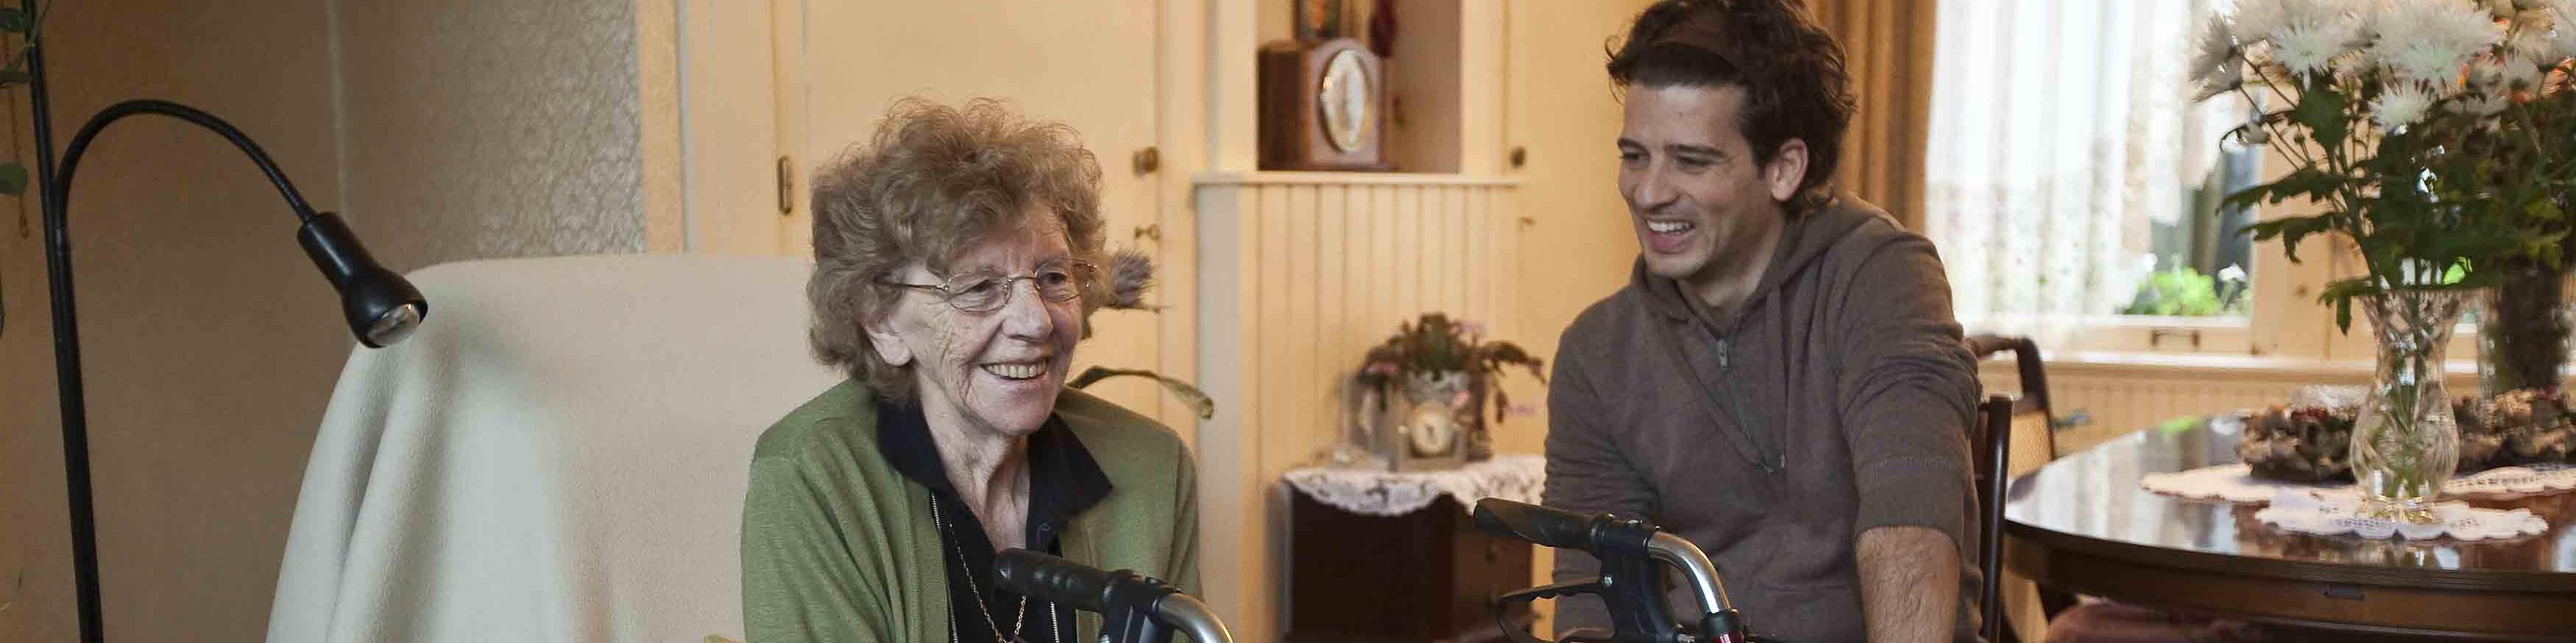 Wijkteam Thuiszorg Staatsliedenbuurt - Frederik Hendrik